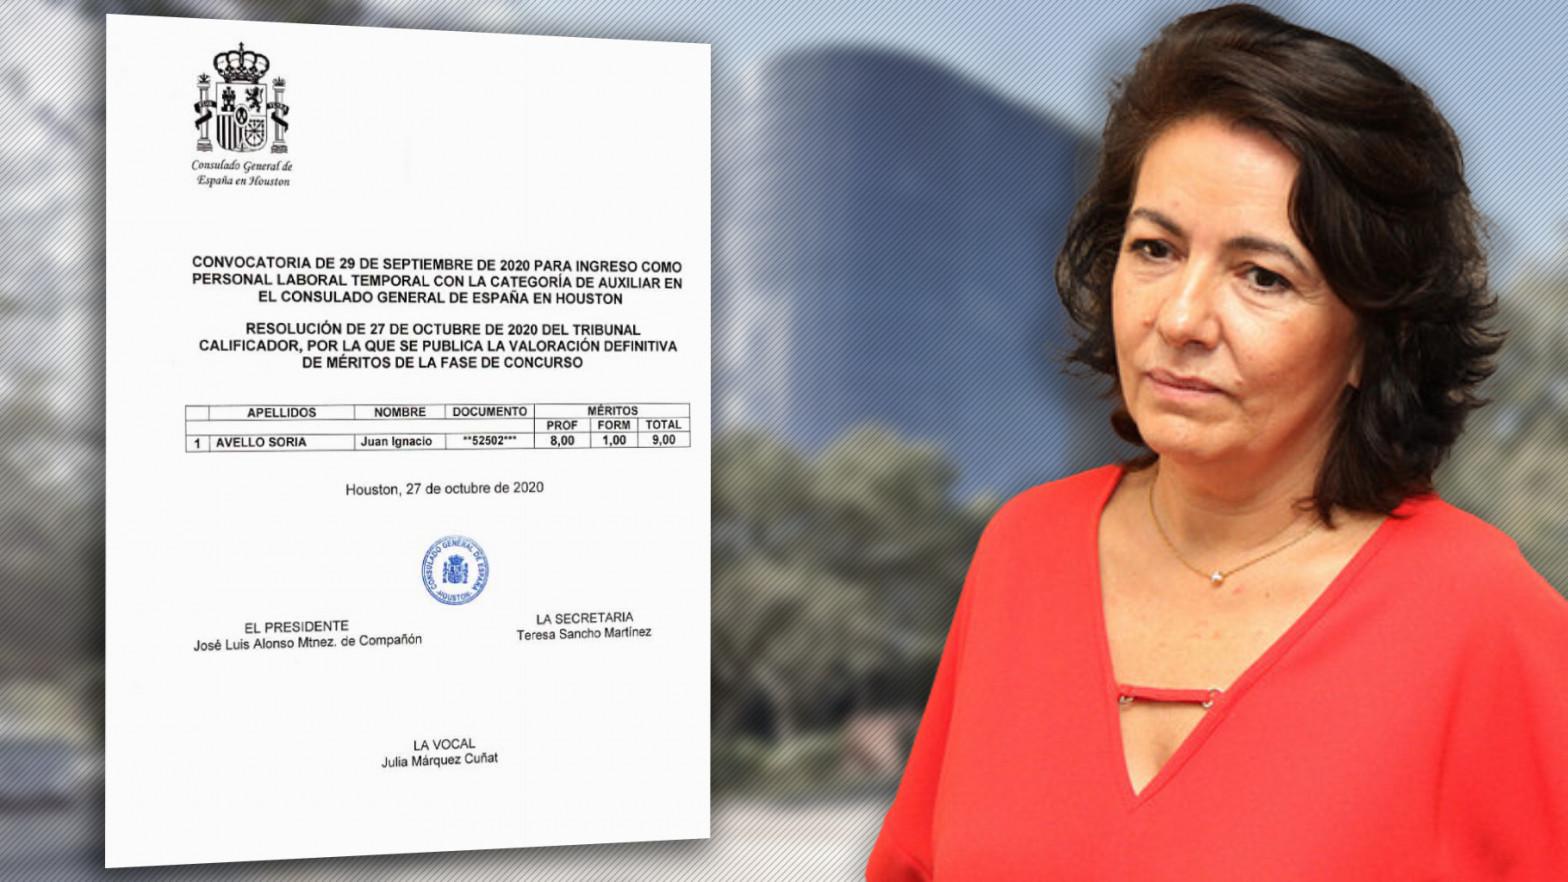 La cónsul española en Houston contrata a su marido